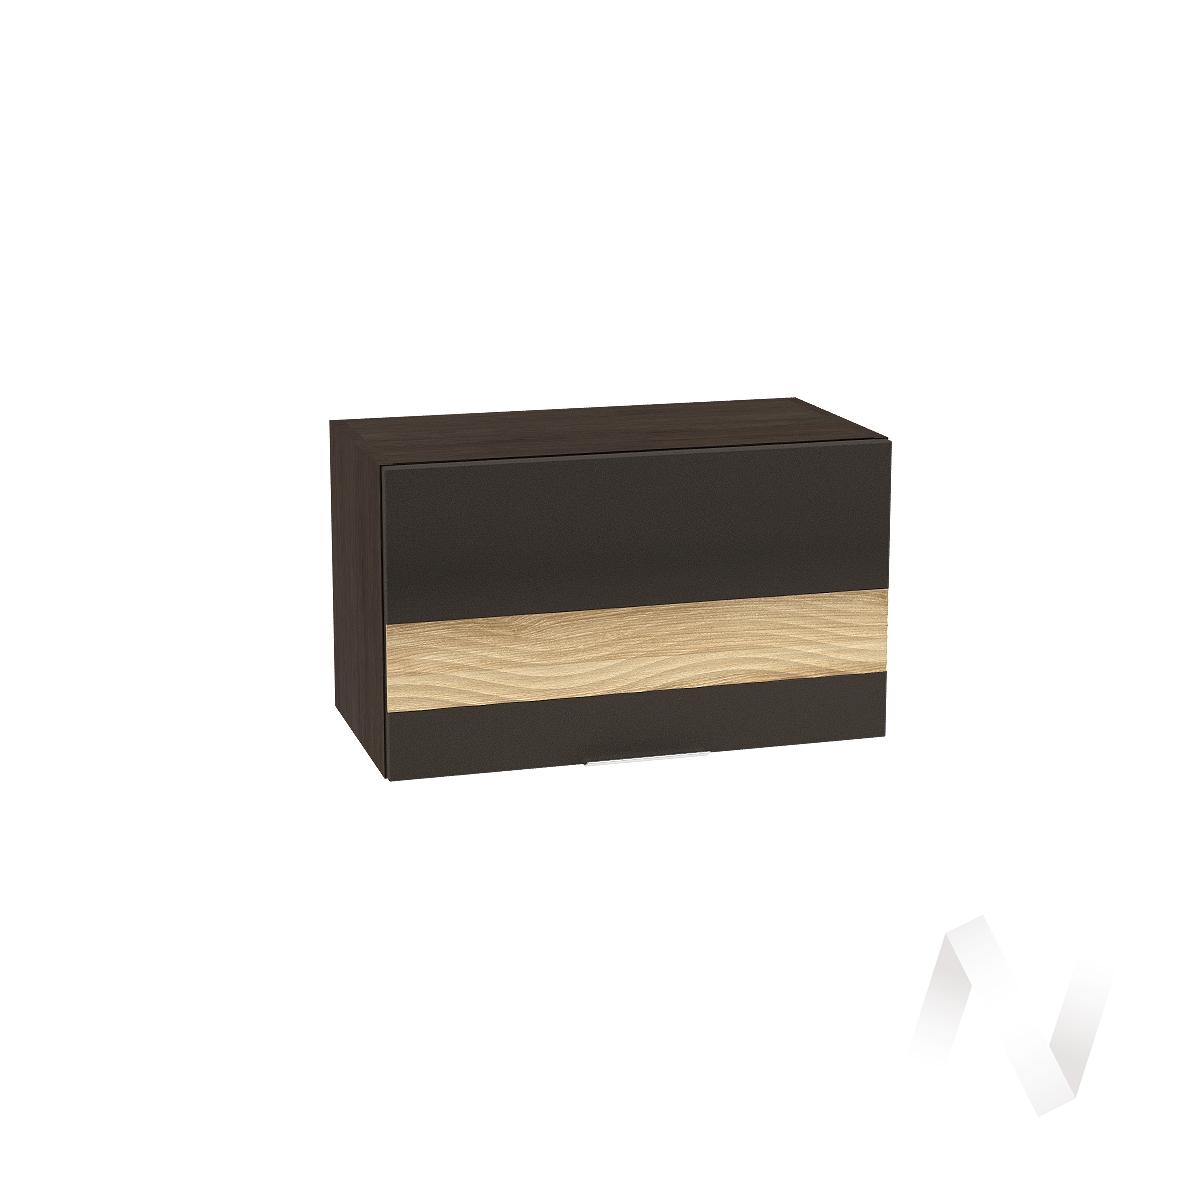 """Кухня """"Терра"""": Шкаф верхний горизонтальный 600, ШВГ 600 (смоки софт/ель карпатская/корпус венге)"""